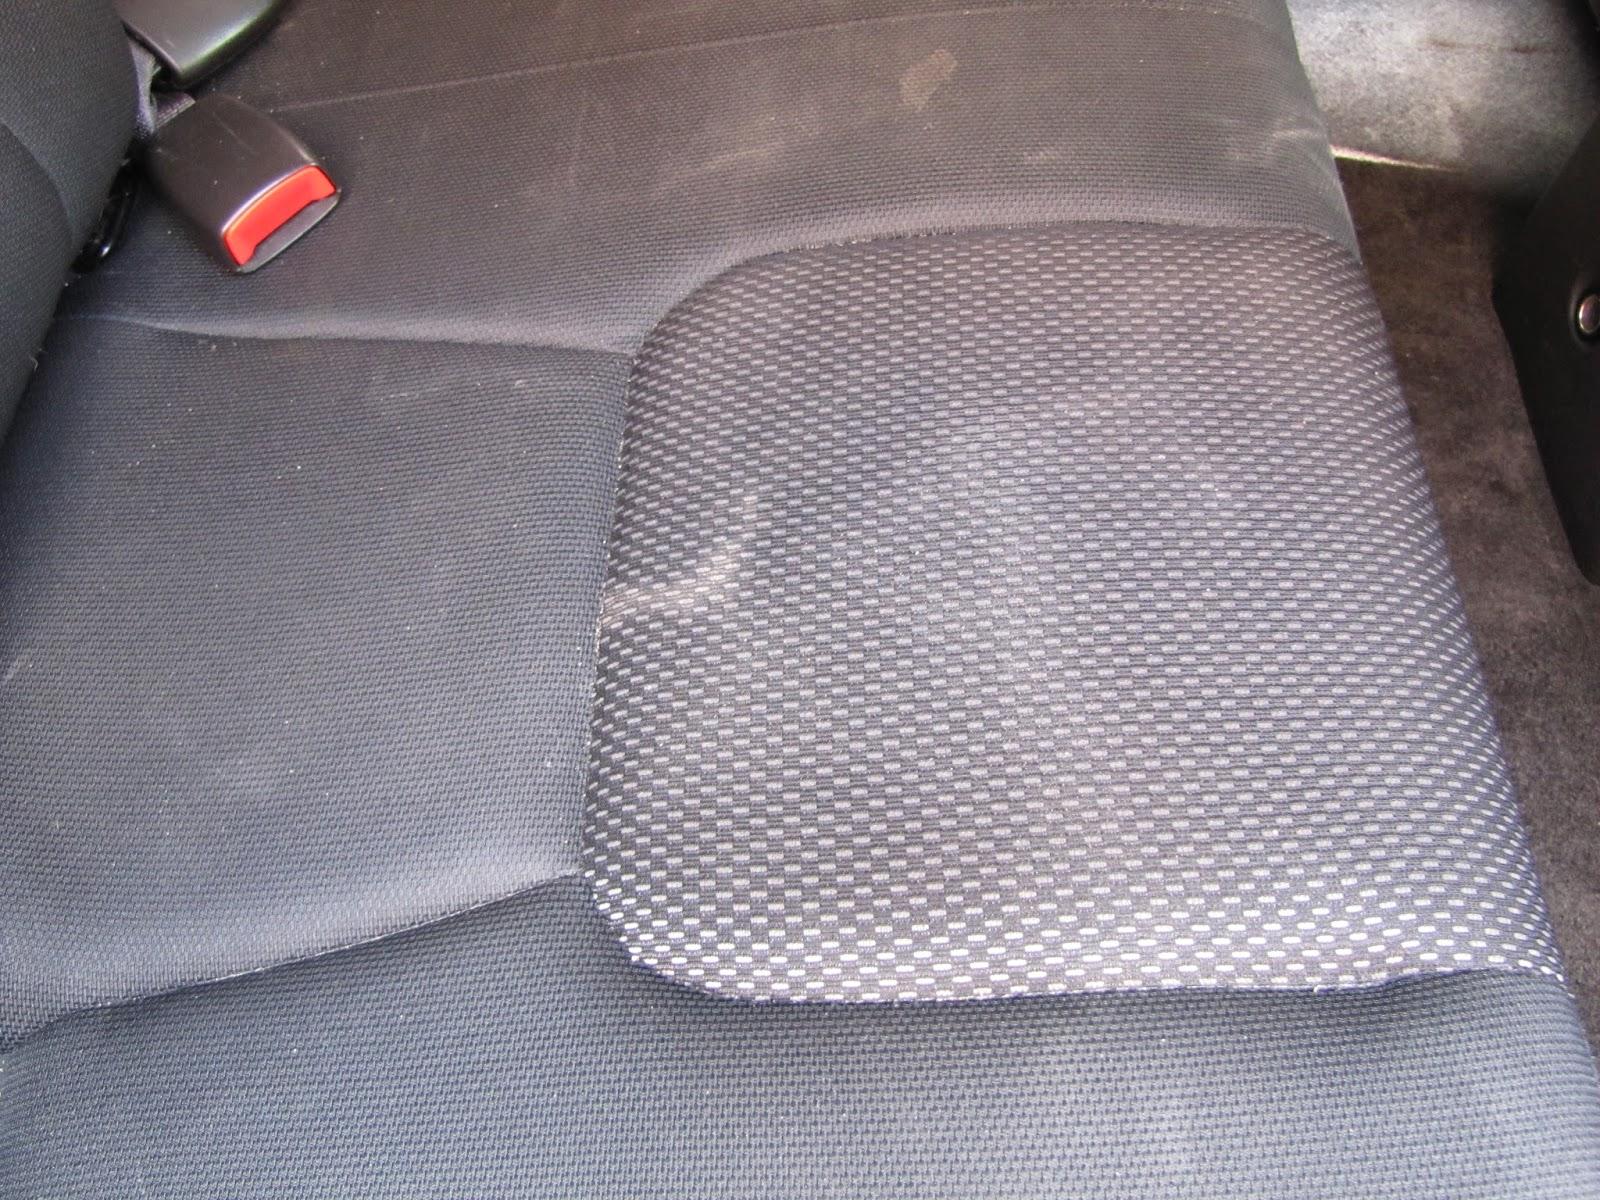 Genesis 950 Cleaning Tips And Tricks Genesis 950 Car